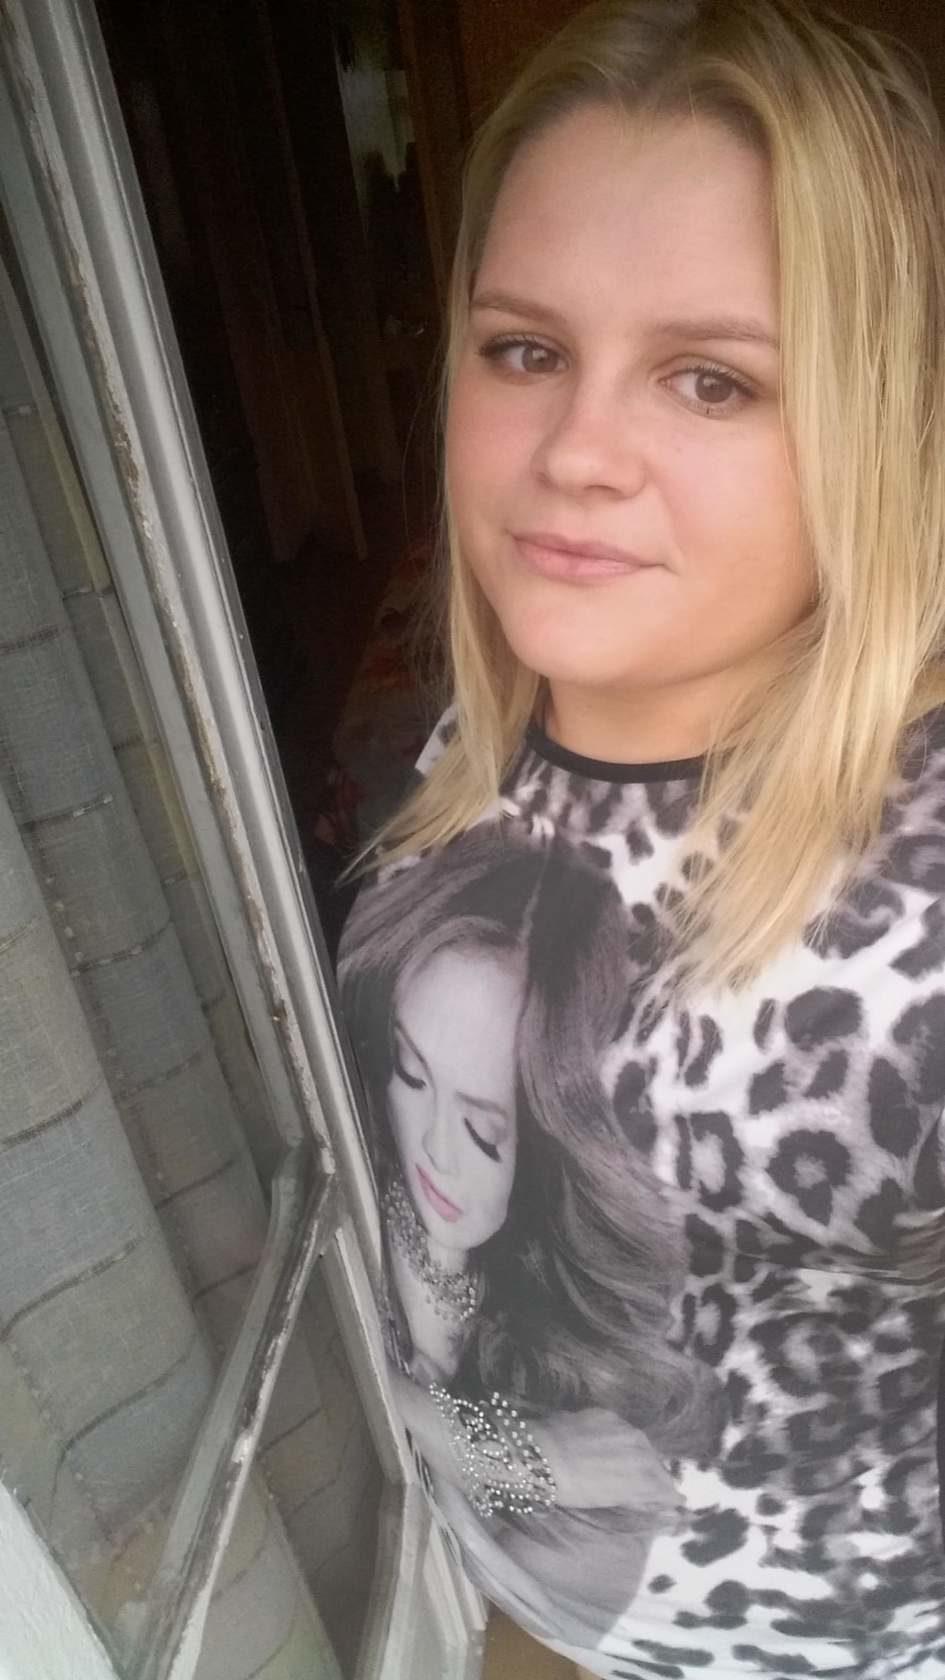 fac cunostinta cu o fata barbati din Slatina care cauta Femei divorțată din Oradea